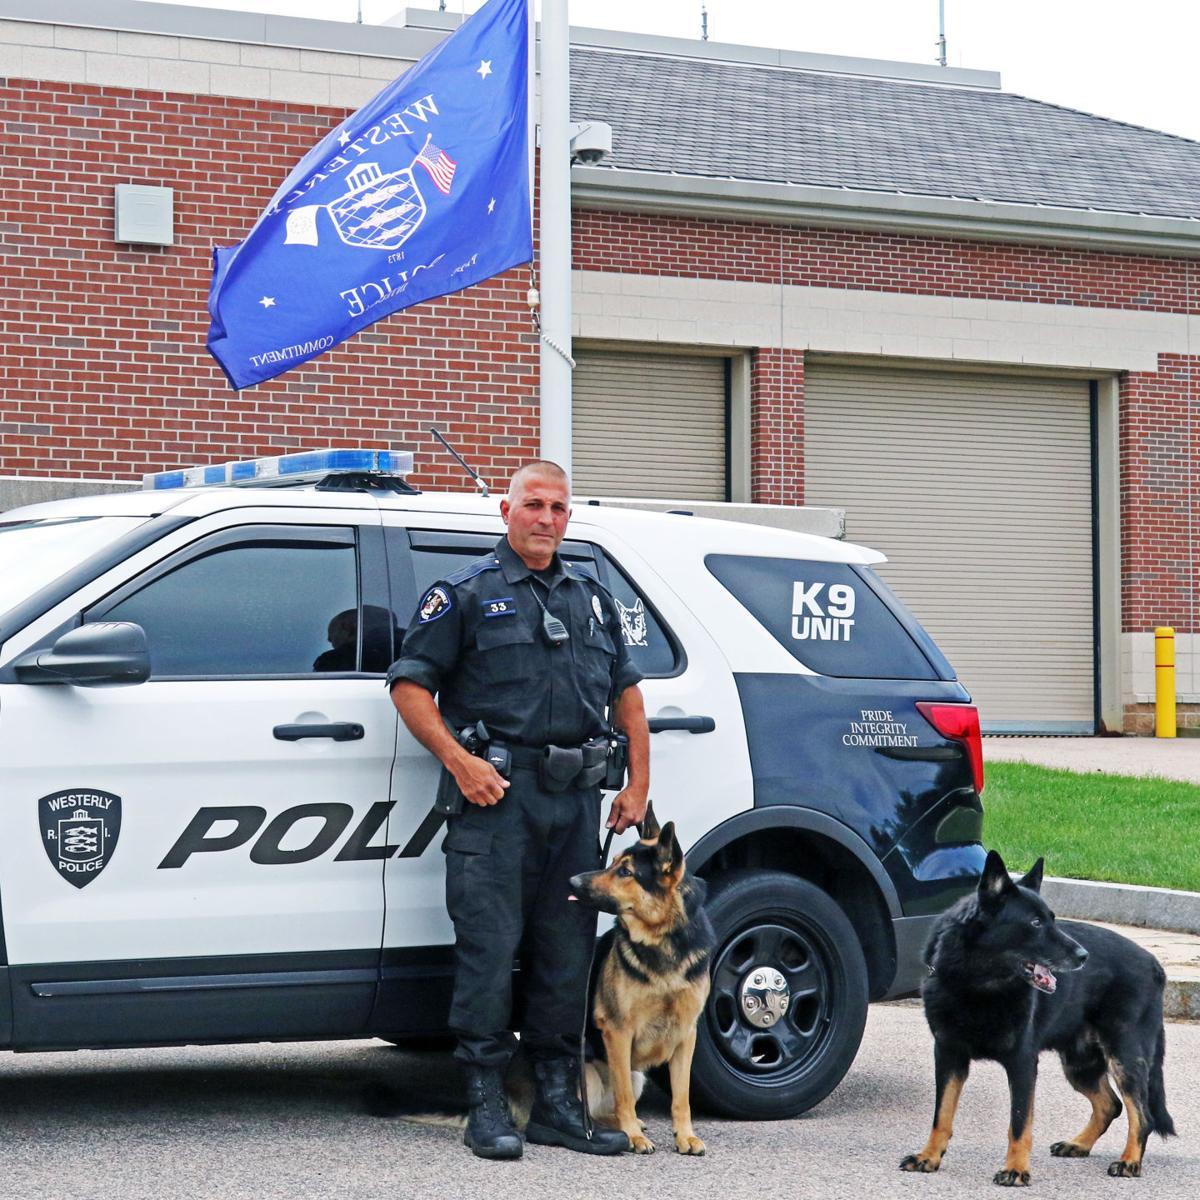 080819 WES WPD Officer Manfredi K-9 unit 1005.JPG